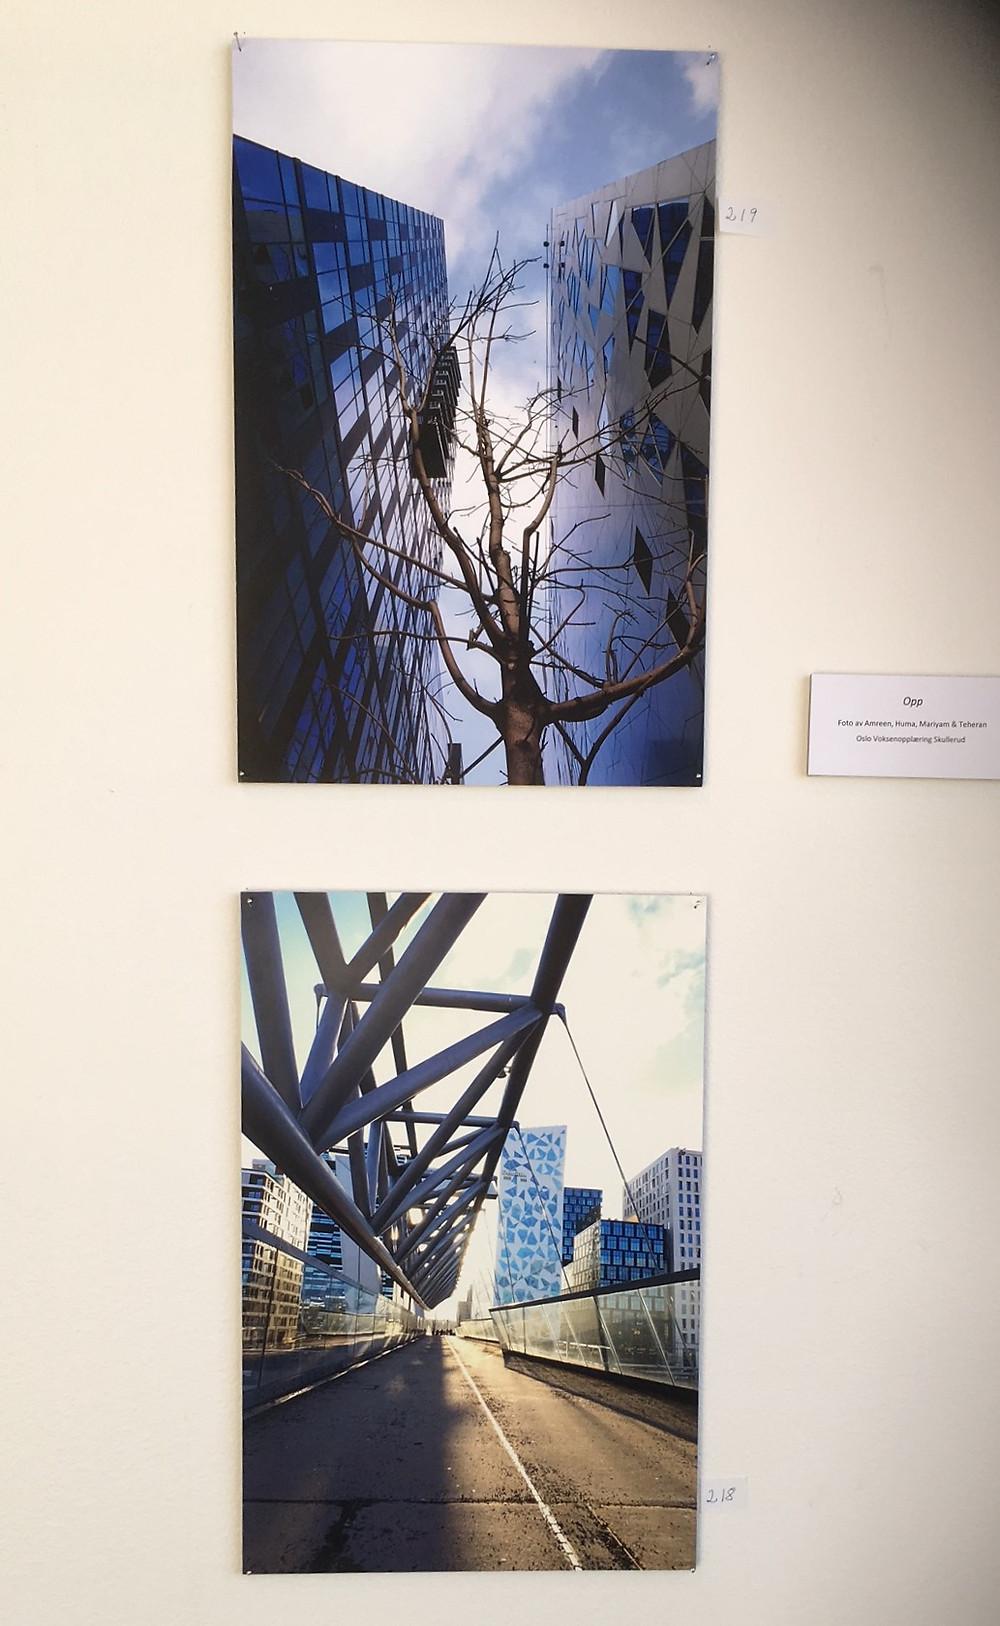 Spennende perspektiver og flott dybde i bildene som Amreen Khan har vært med på å lage.